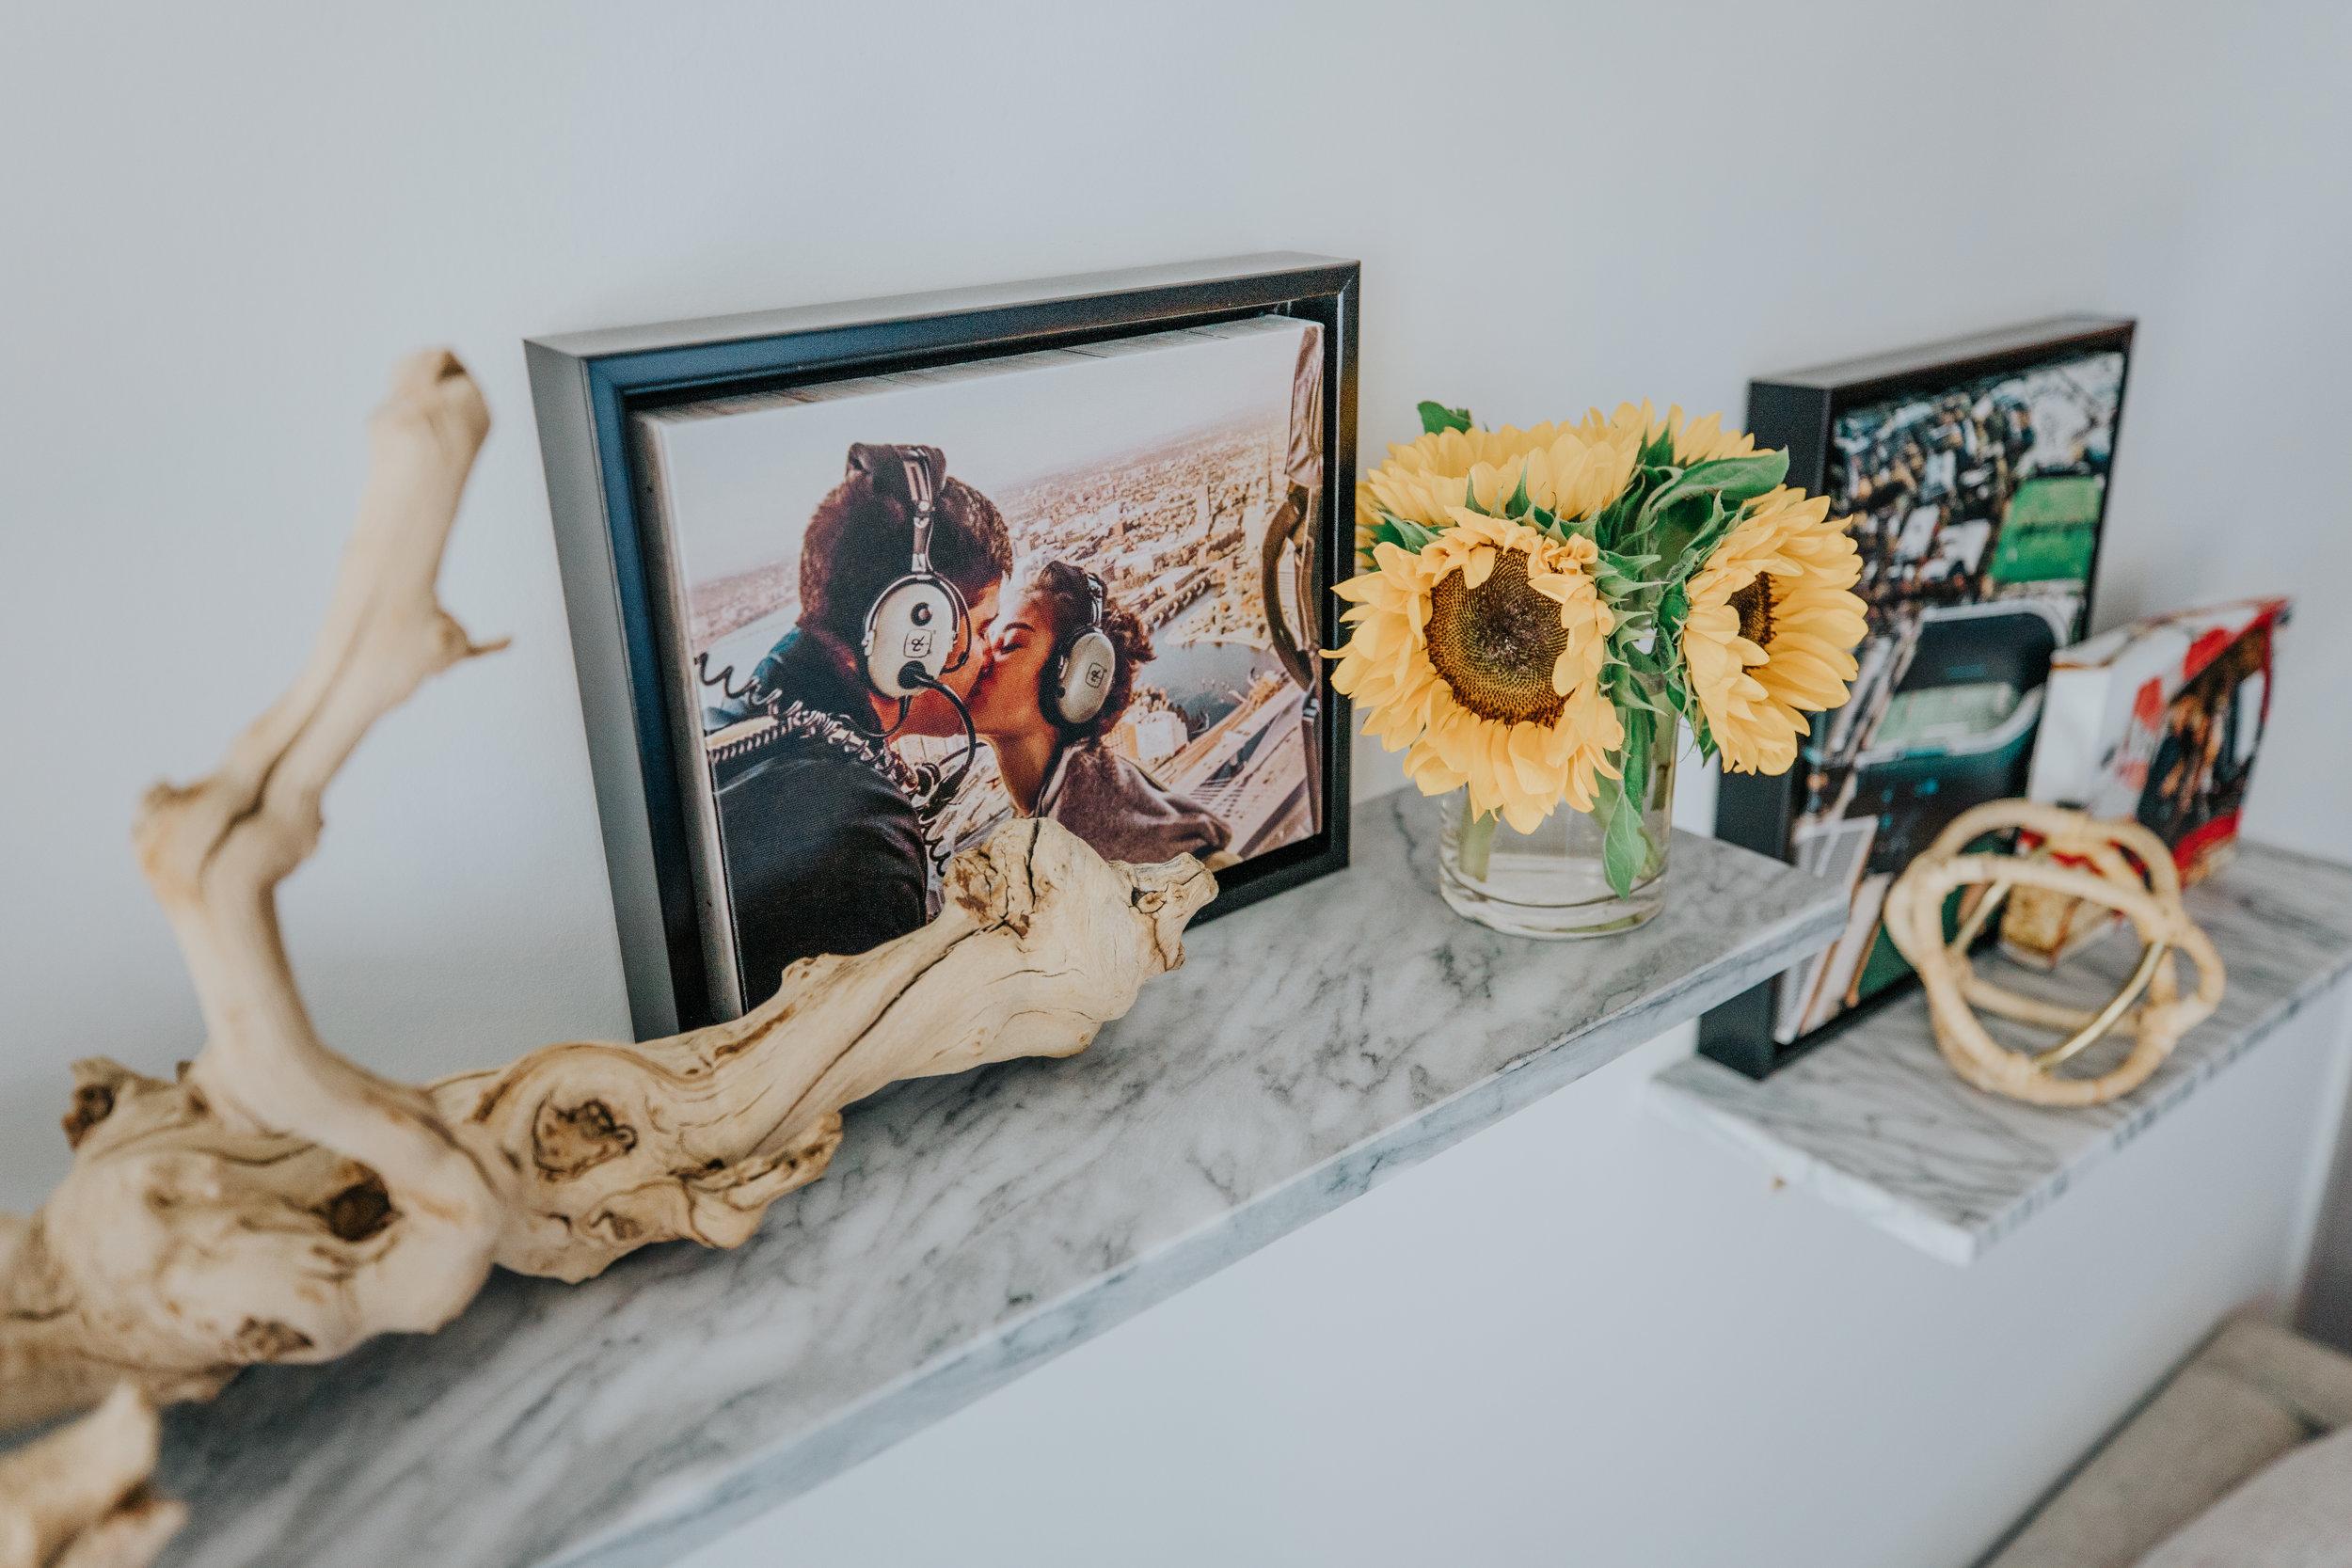 caila quinn the bachelor Mixbook canvas print photo shelves decor